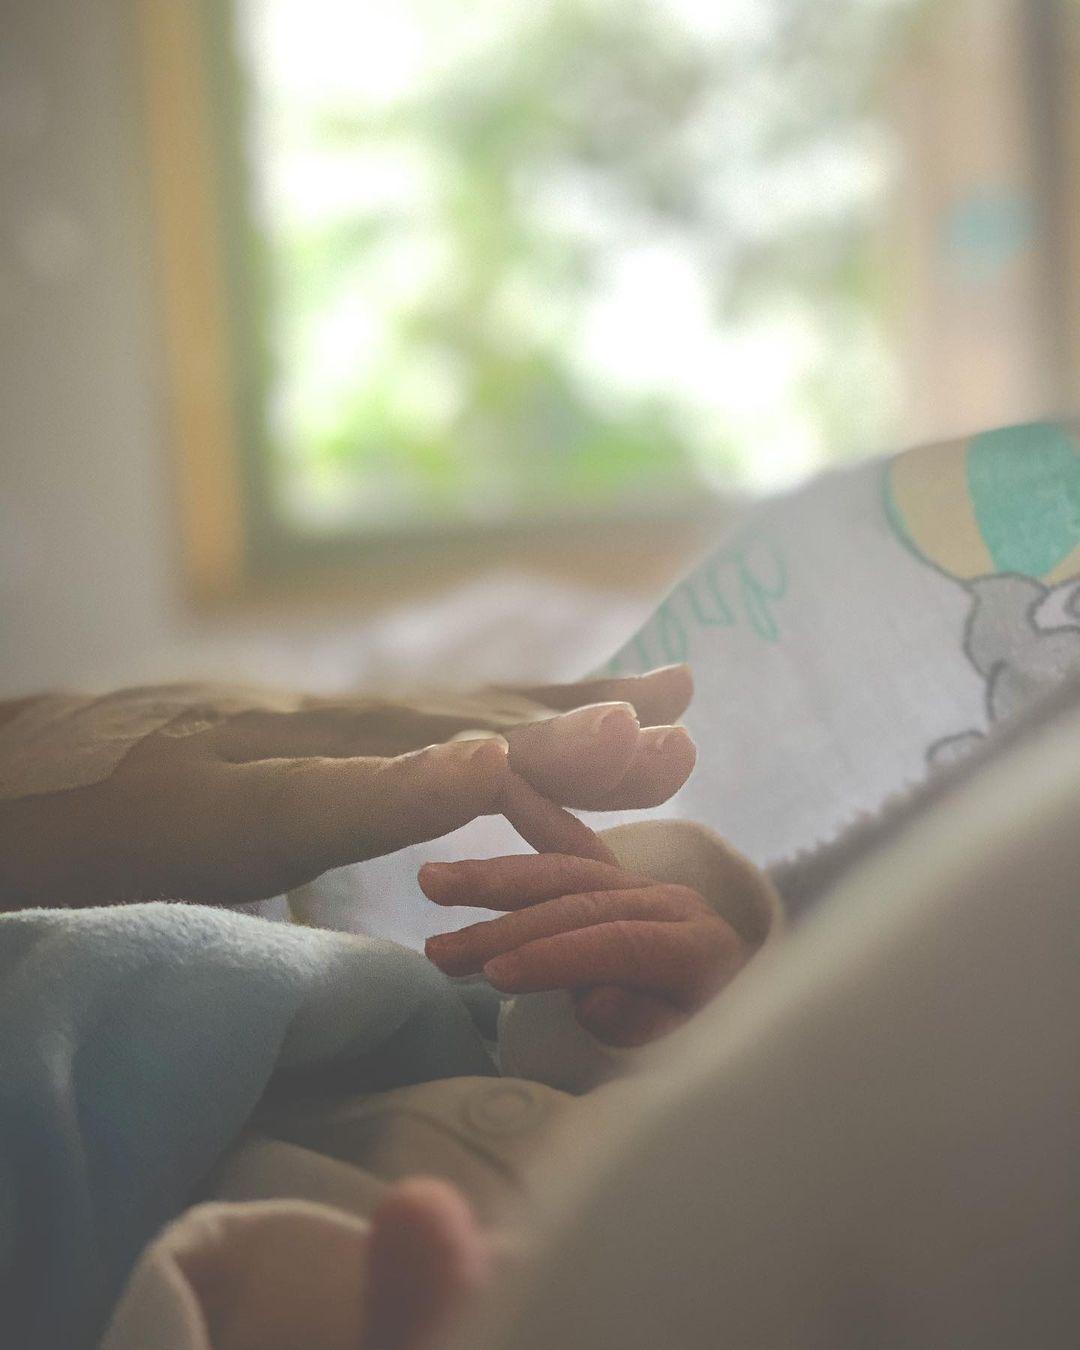 ছেলের হাতের ওপর হাত রেখে ছবি শেয়ার করেছেন অদিতি। ছেলের পেয়ে নিজেকে সৌভাগ্যবান বলেছেন নায়িকা। পরিবার দুই থেকে তিন হল জানিয়েছেন তিনি।